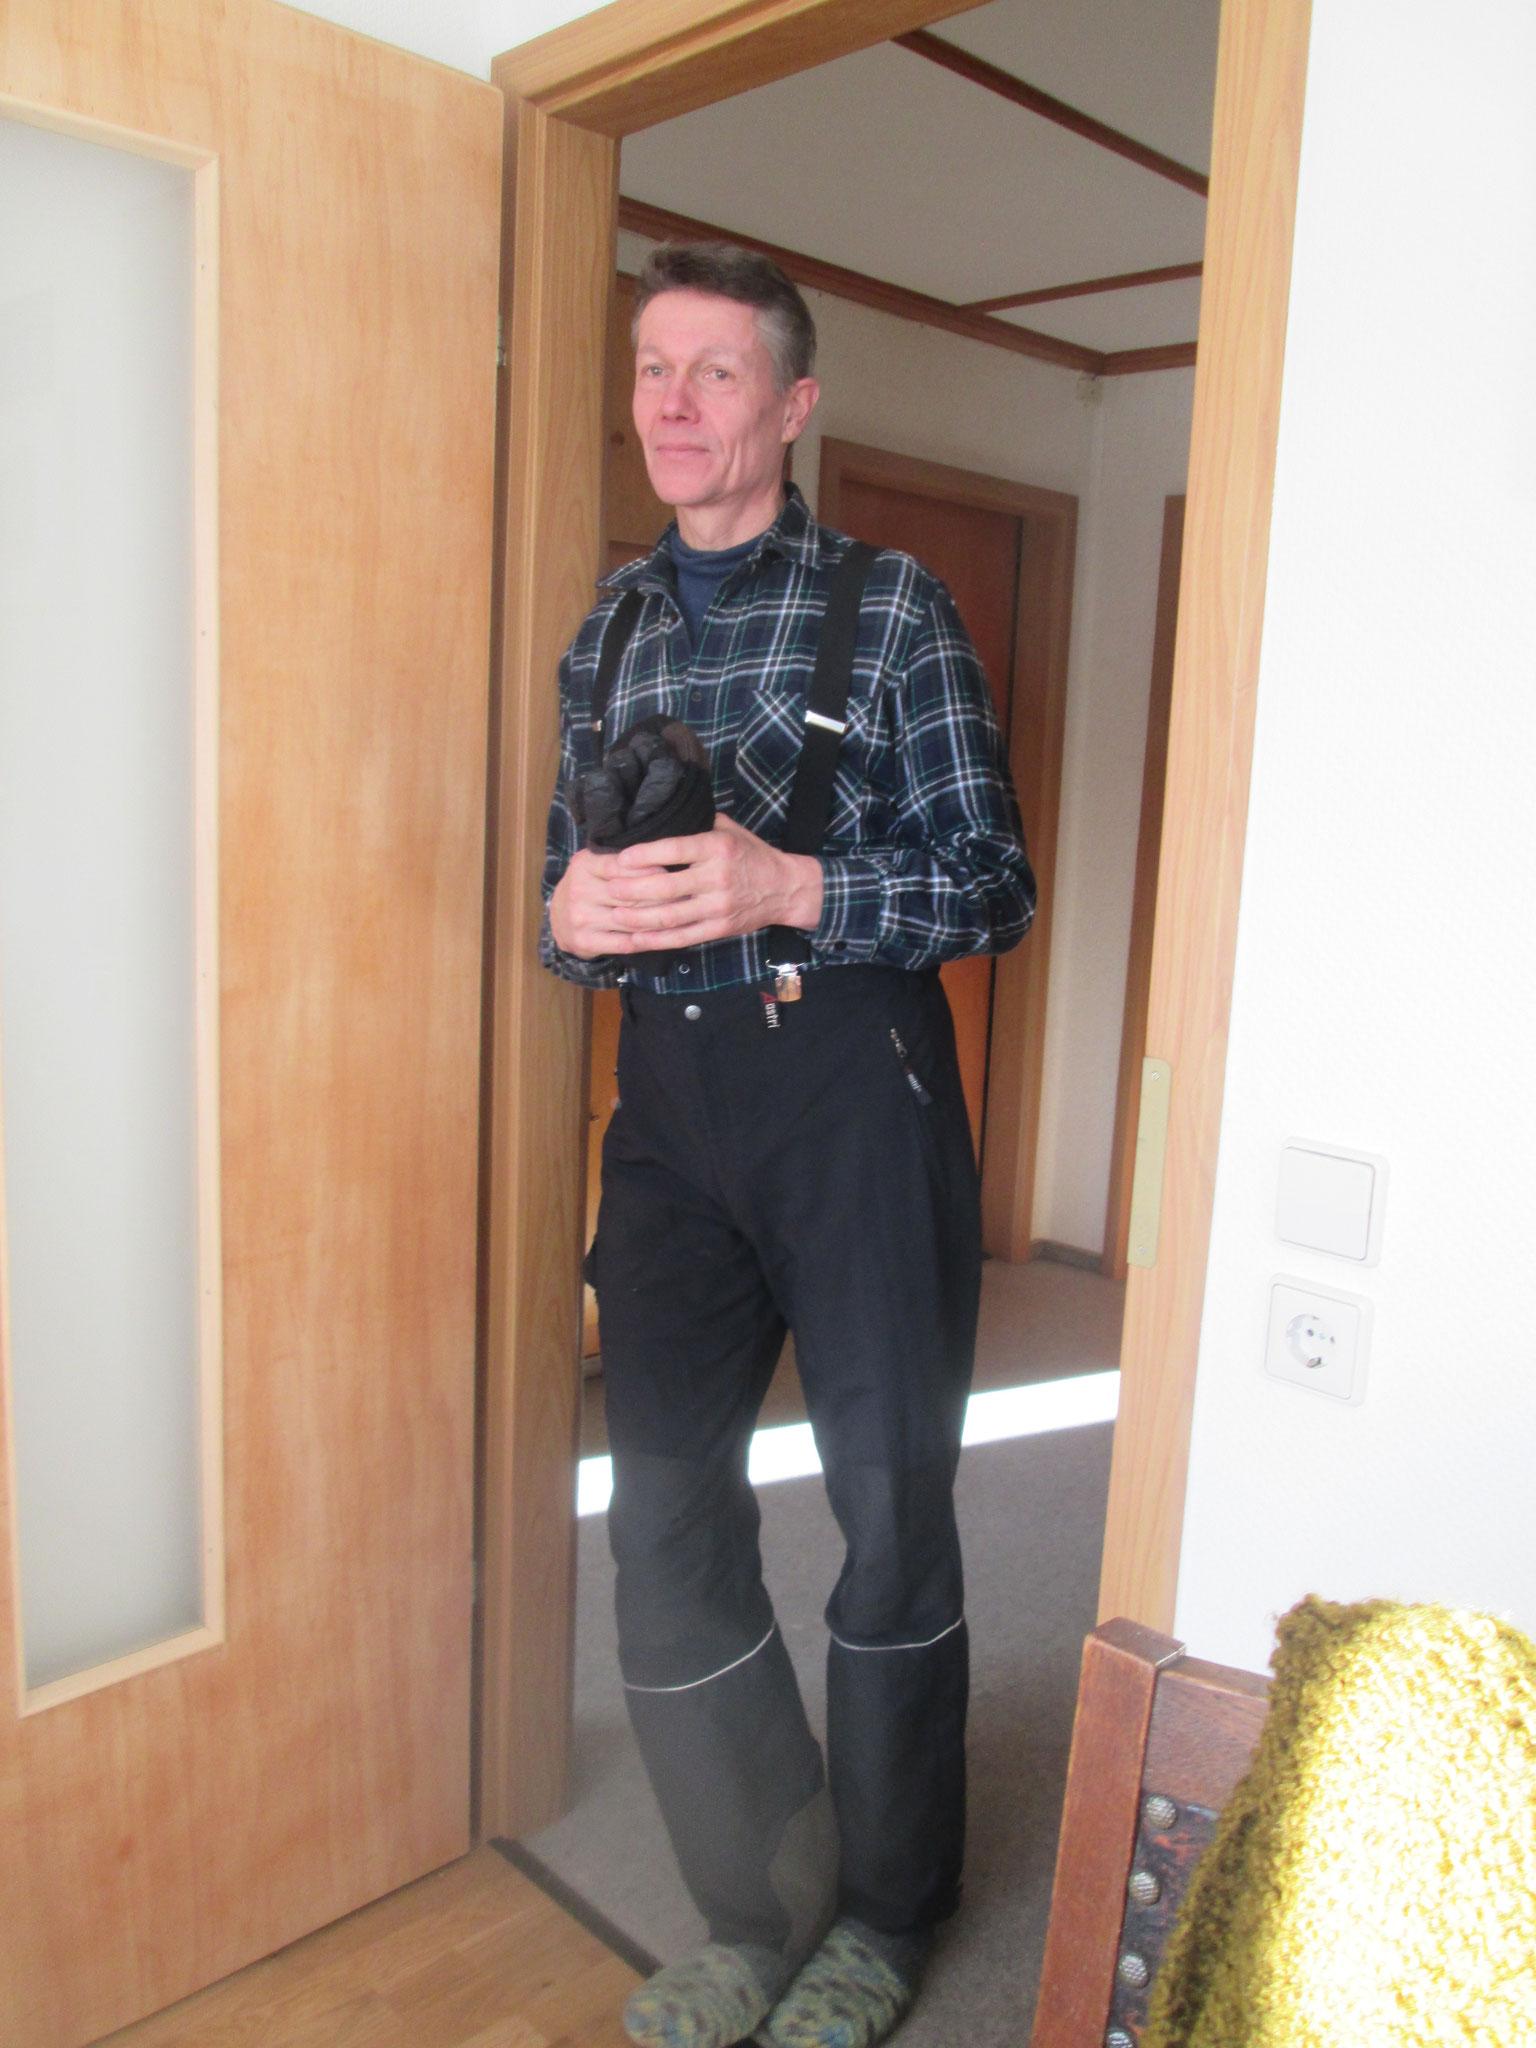 Wolfi erscheint in Skihosen in der Tür… (Fortsetzung folgt)